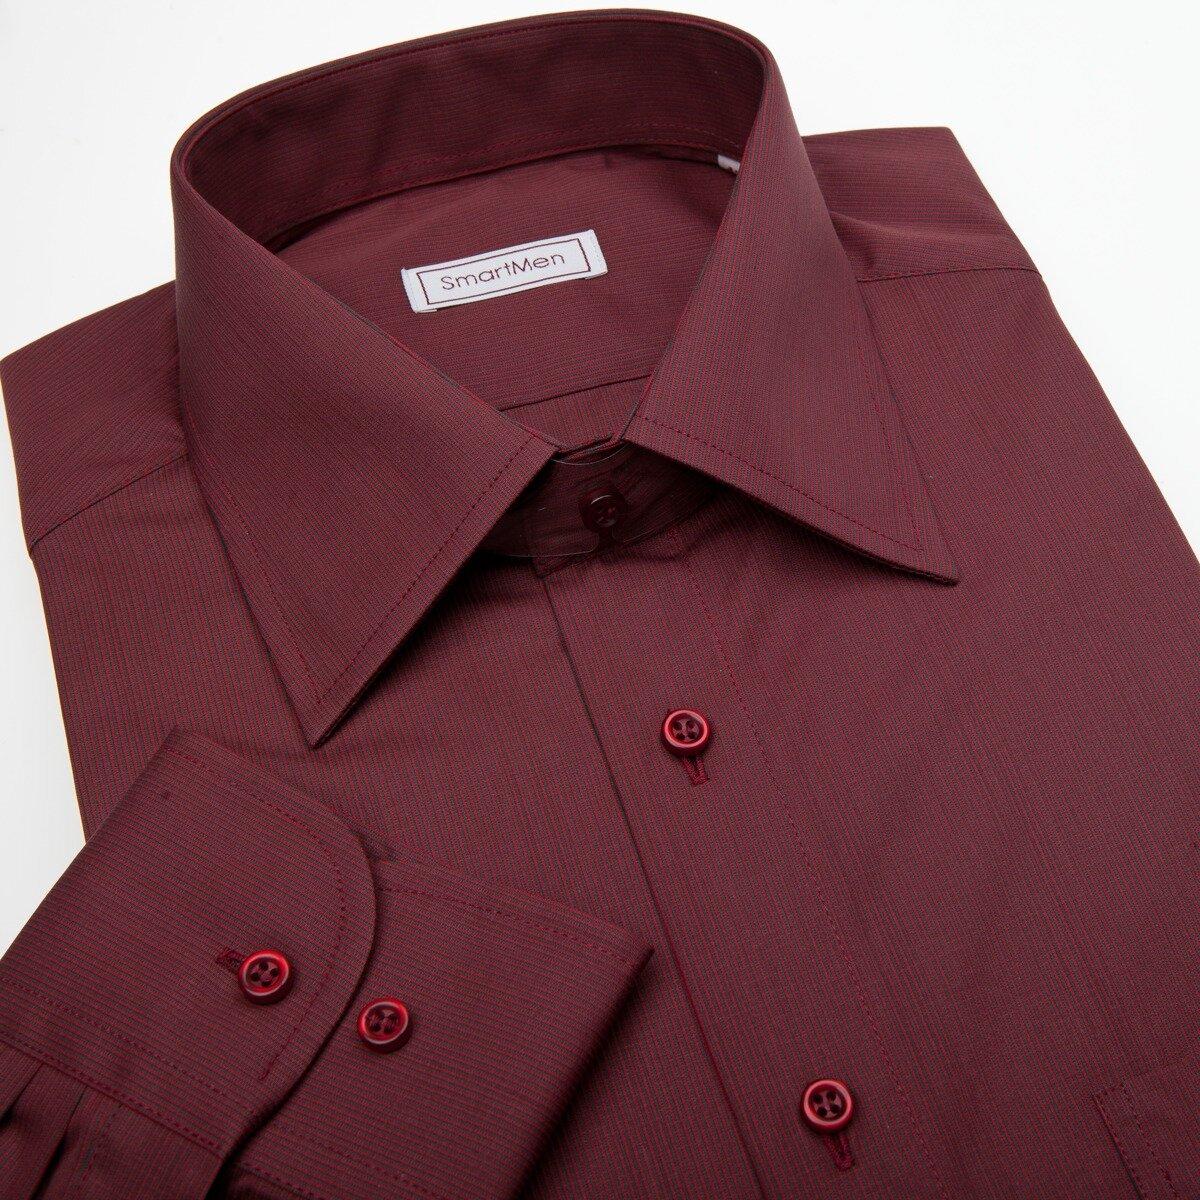 ca995ec37b1 Vínově červená košile s dlouhým rukávem s knoflíčky v barvě